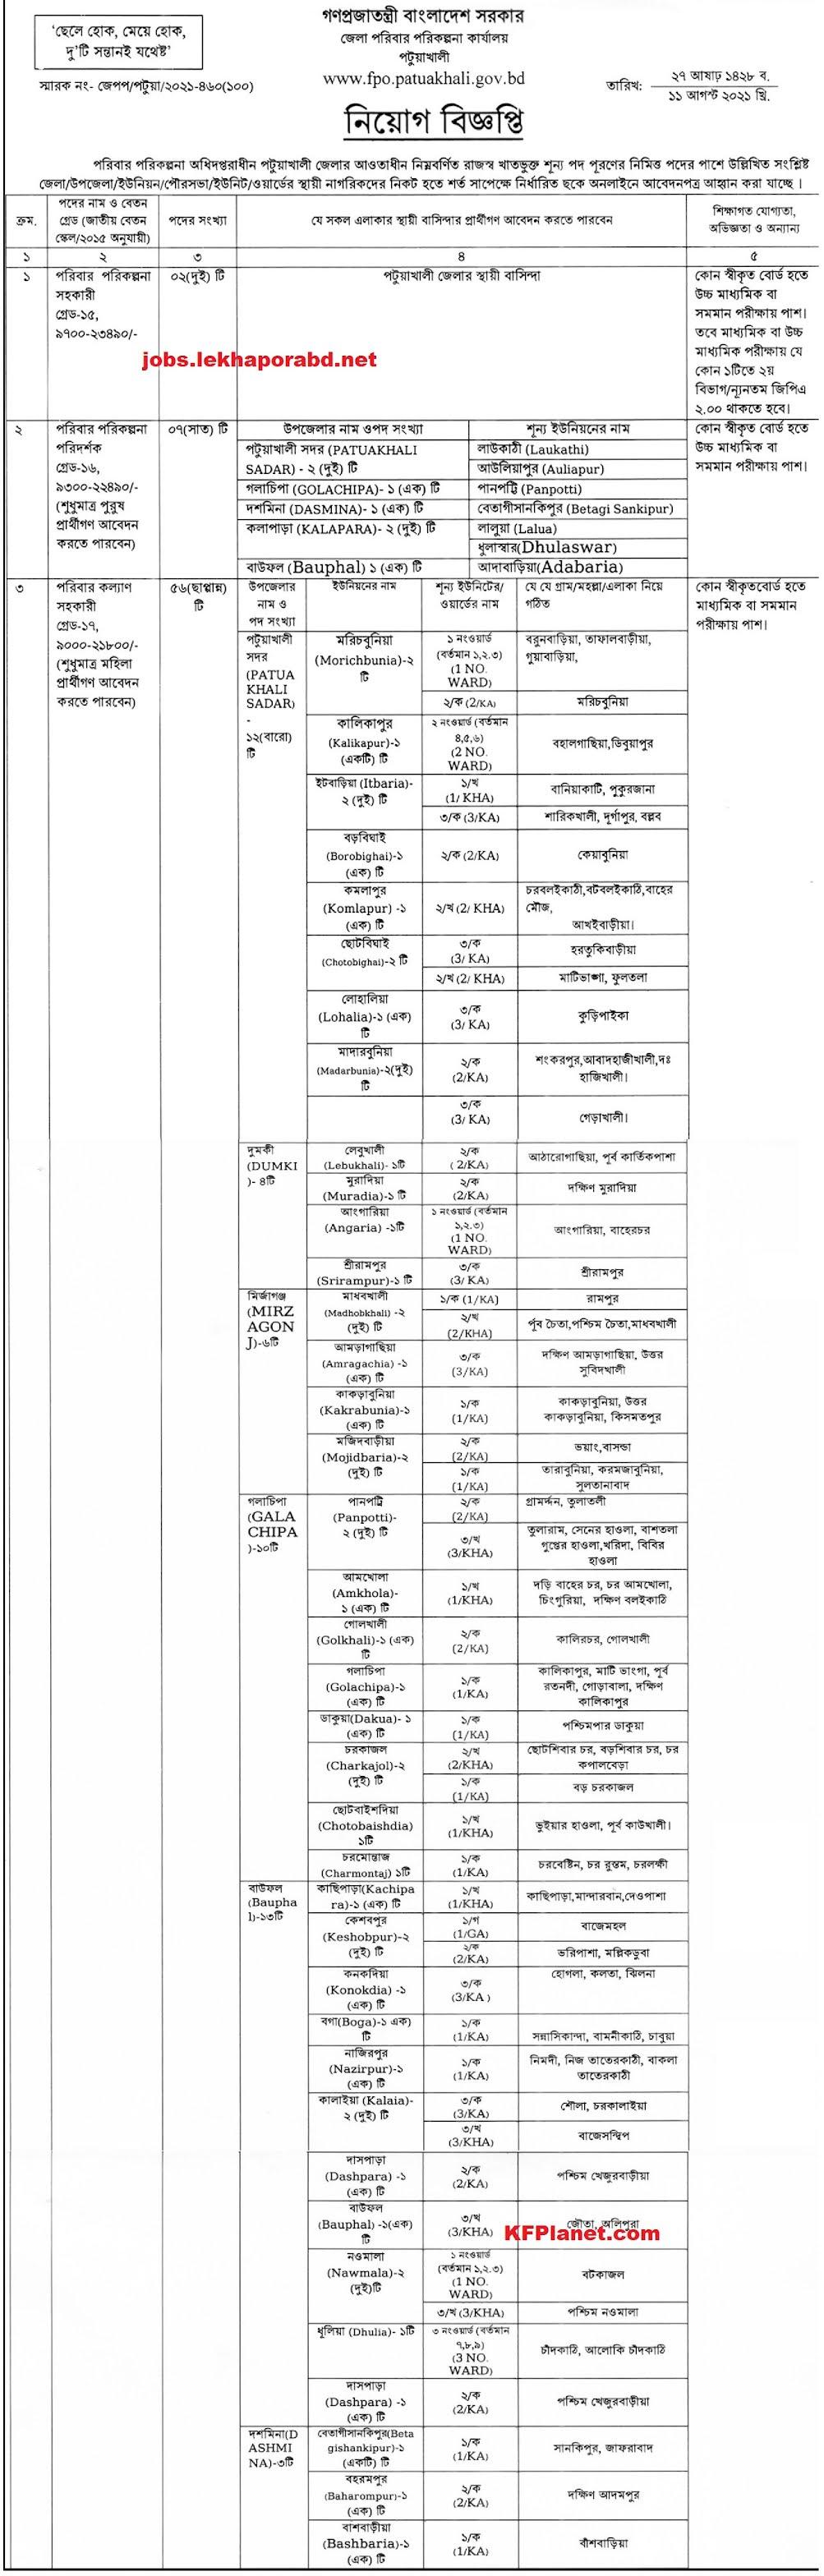 পটুয়াখালী জেলা পরিবার পরিকল্পনা নিয়োগ বিজ্ঞপ্তি ২০২১ - Patuakhali Family Planning Job Circular 2021 - Family Planning Recruitment Circular 2021